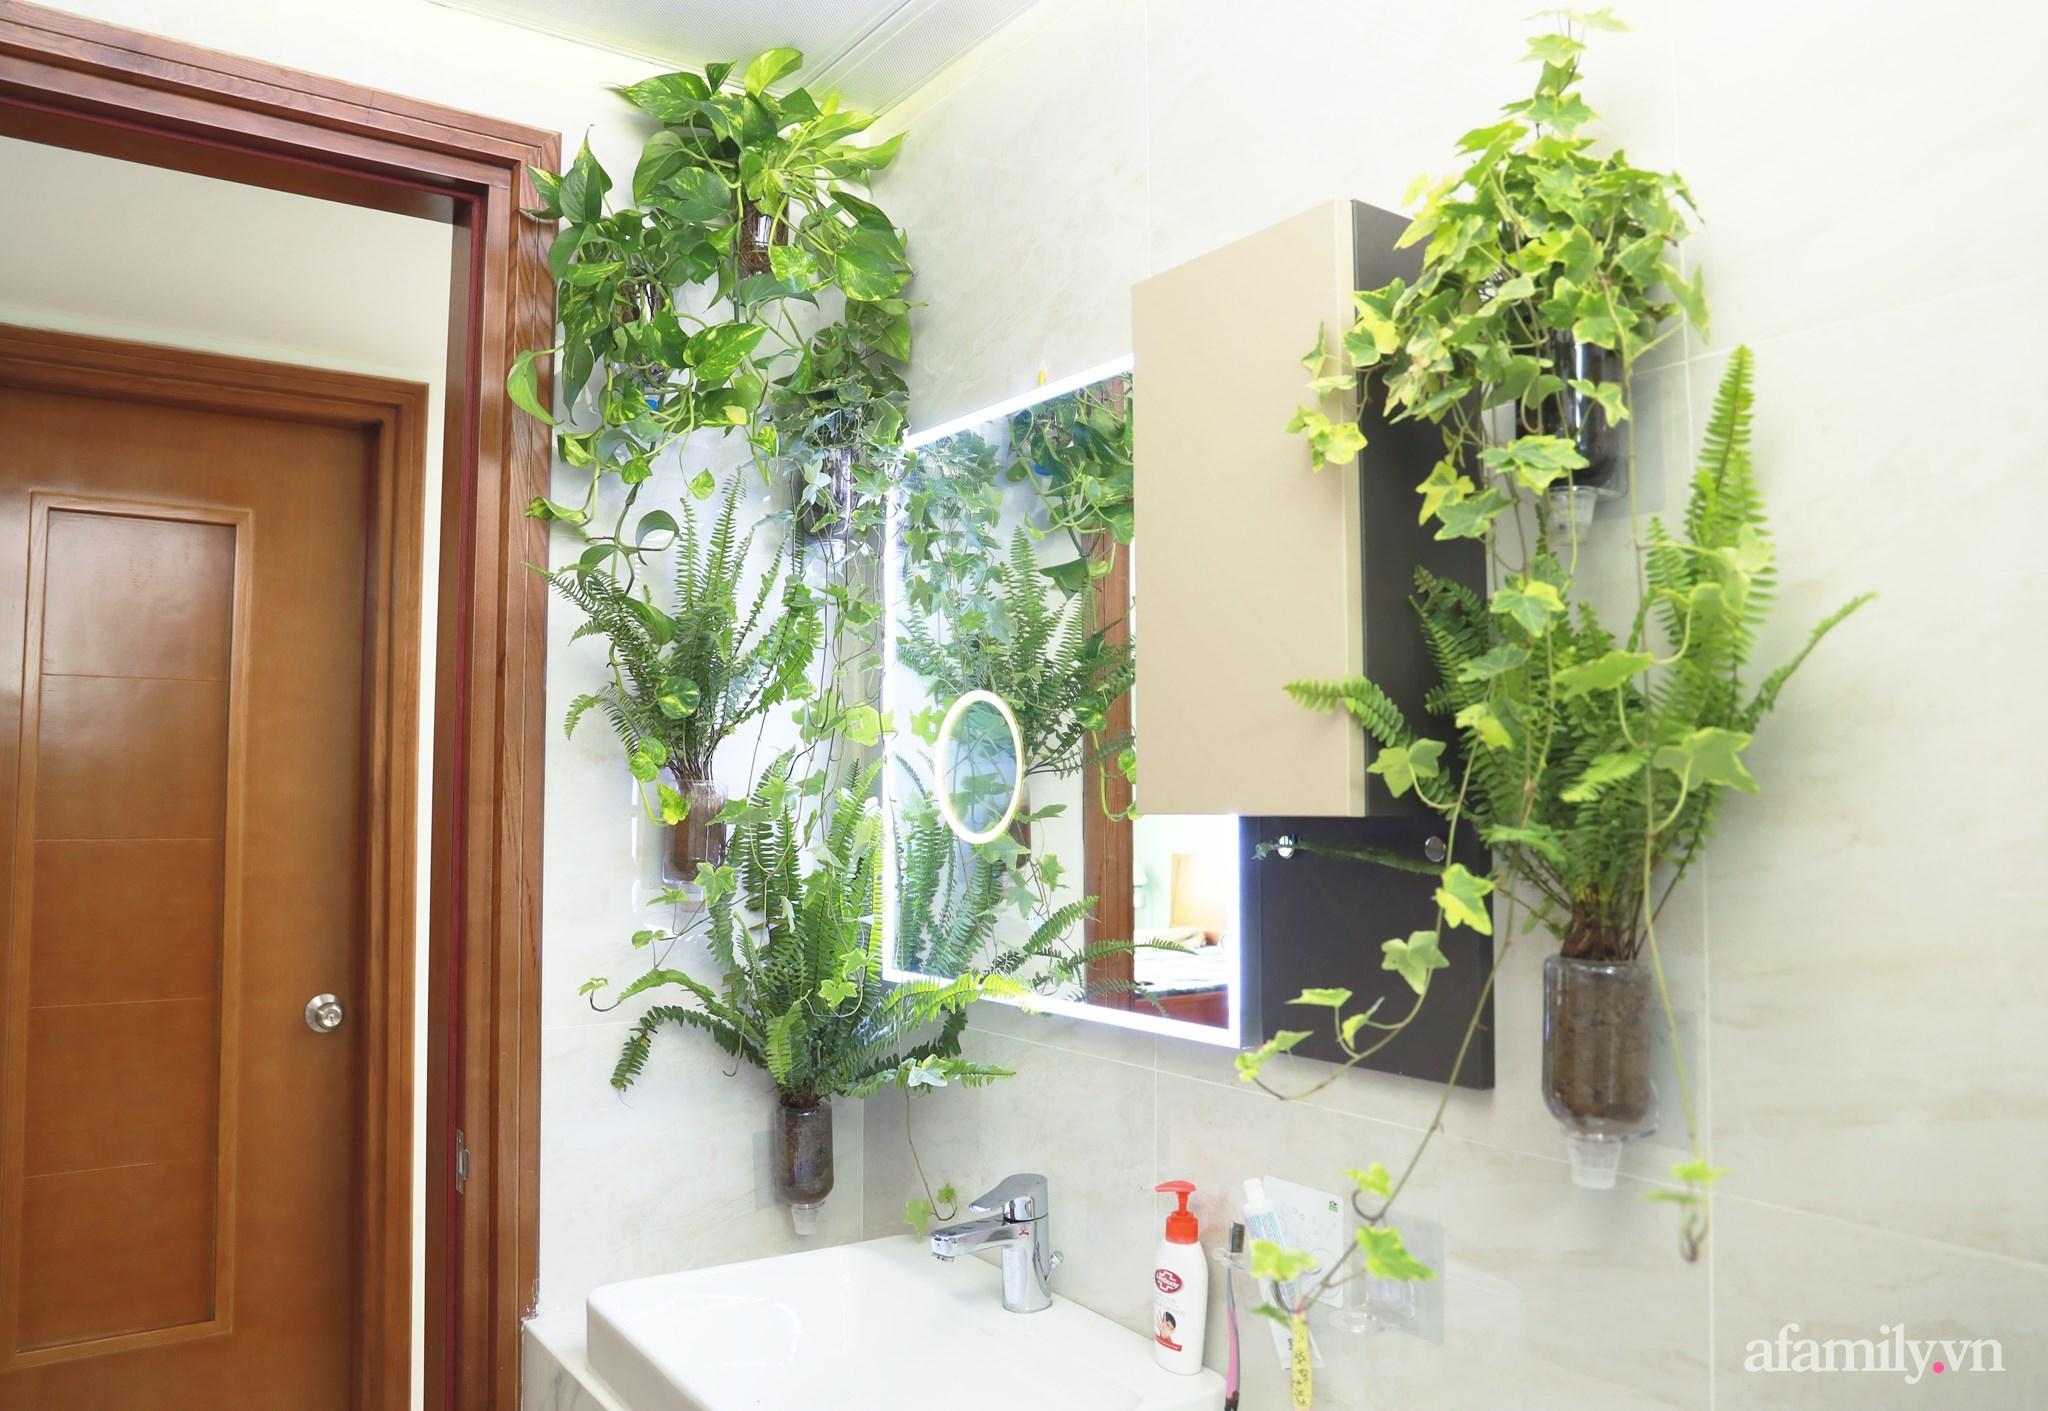 """Biến hình phòng tắm đúng chuẩn hội """"nghiện nhà yêu cây"""" từ những đồ nội thất nhà nào cũng có của cô gái Hà Nội  - Ảnh 8."""